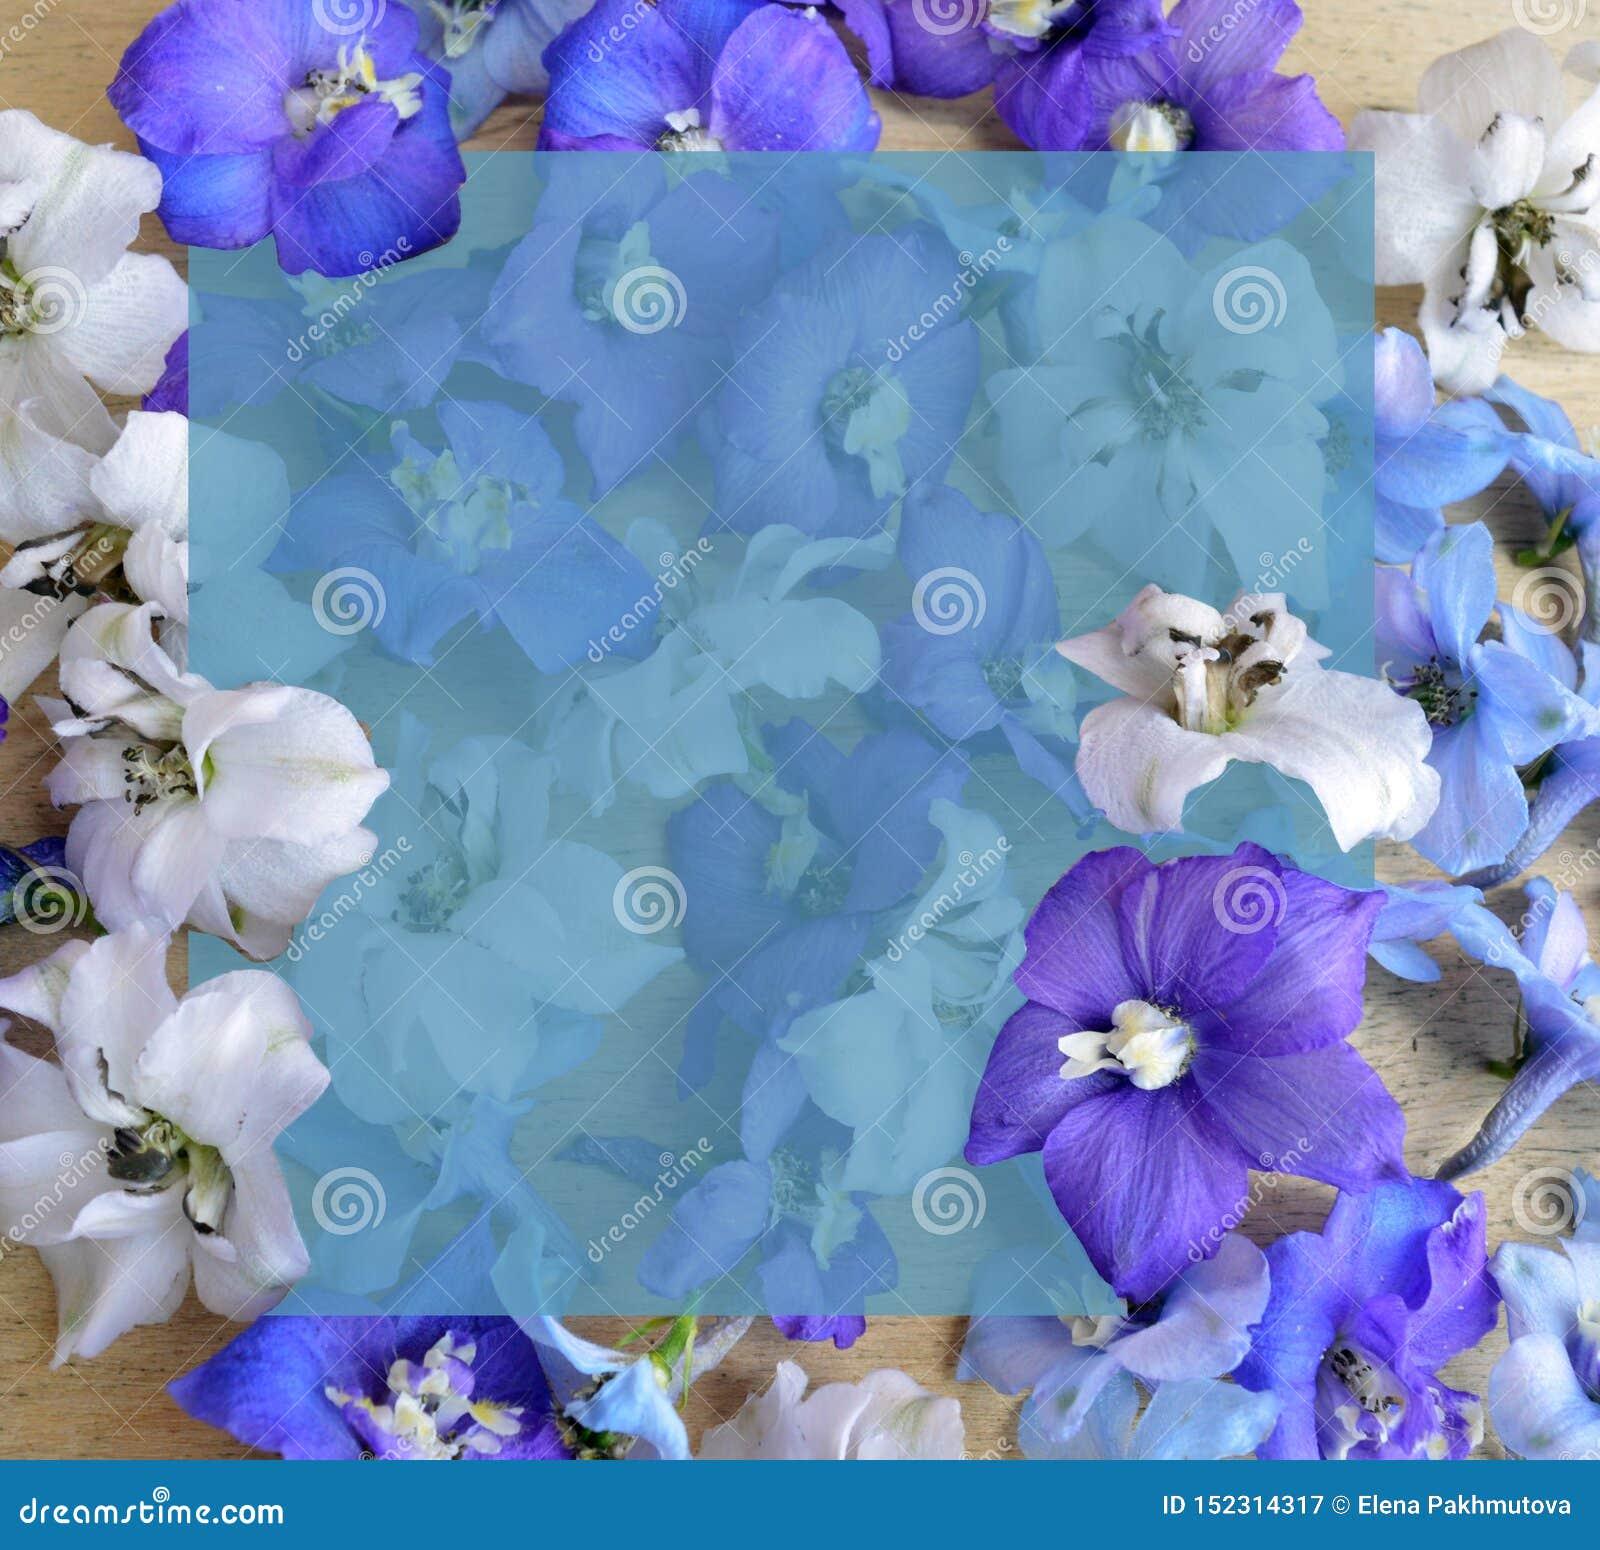 Flor, roxo, mola, natureza, roxo, flores, azul, planta, florescendo, flor, floral, jardim, floral, branco, pétala, isolada,